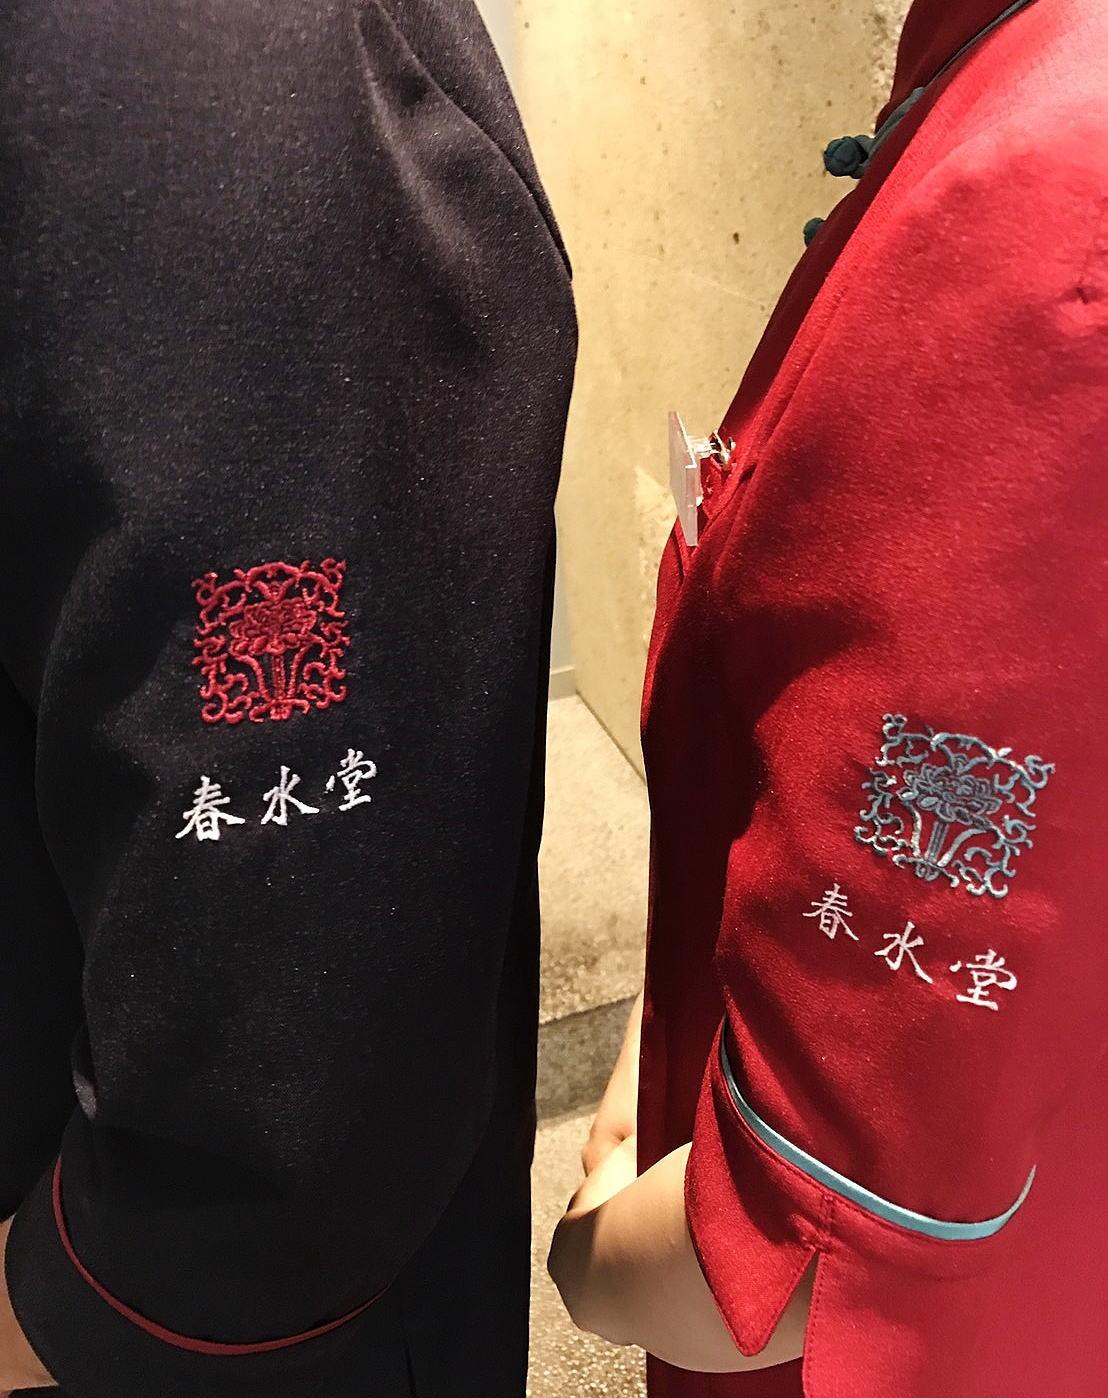 春水堂 ケイタマルヤマデザイン 制服